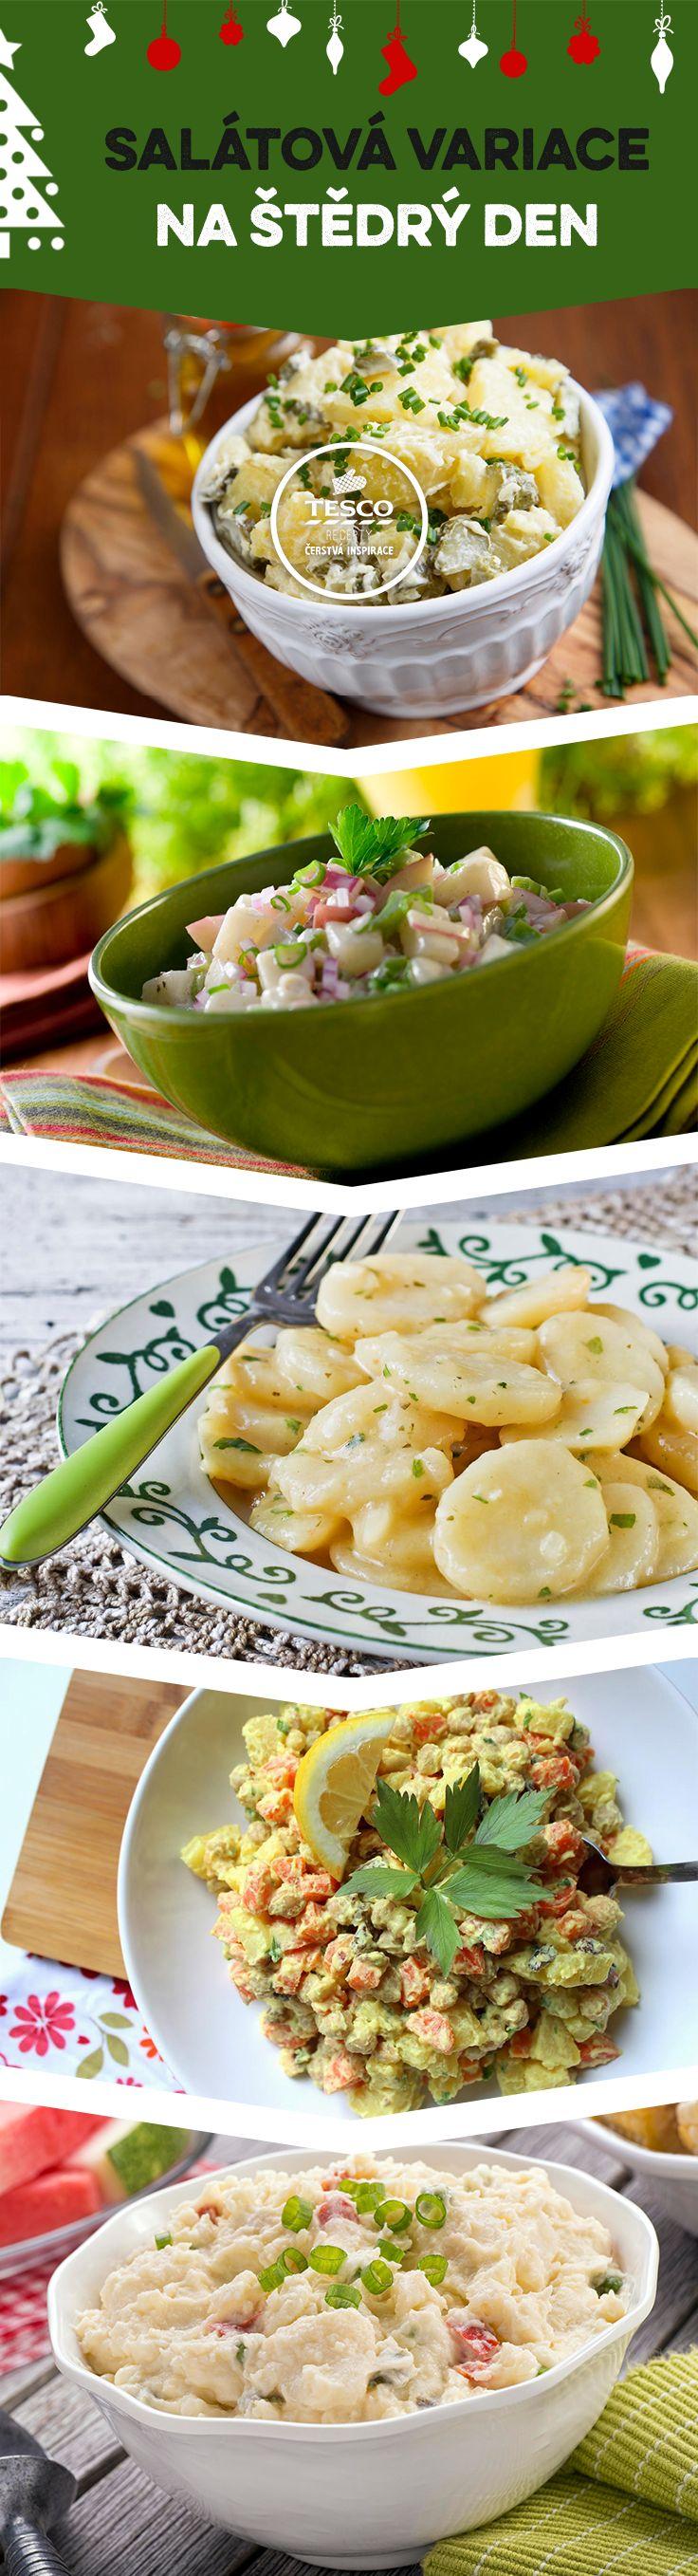 Co rodina, to jiný recept na salát! Zkuste jeden z našich.